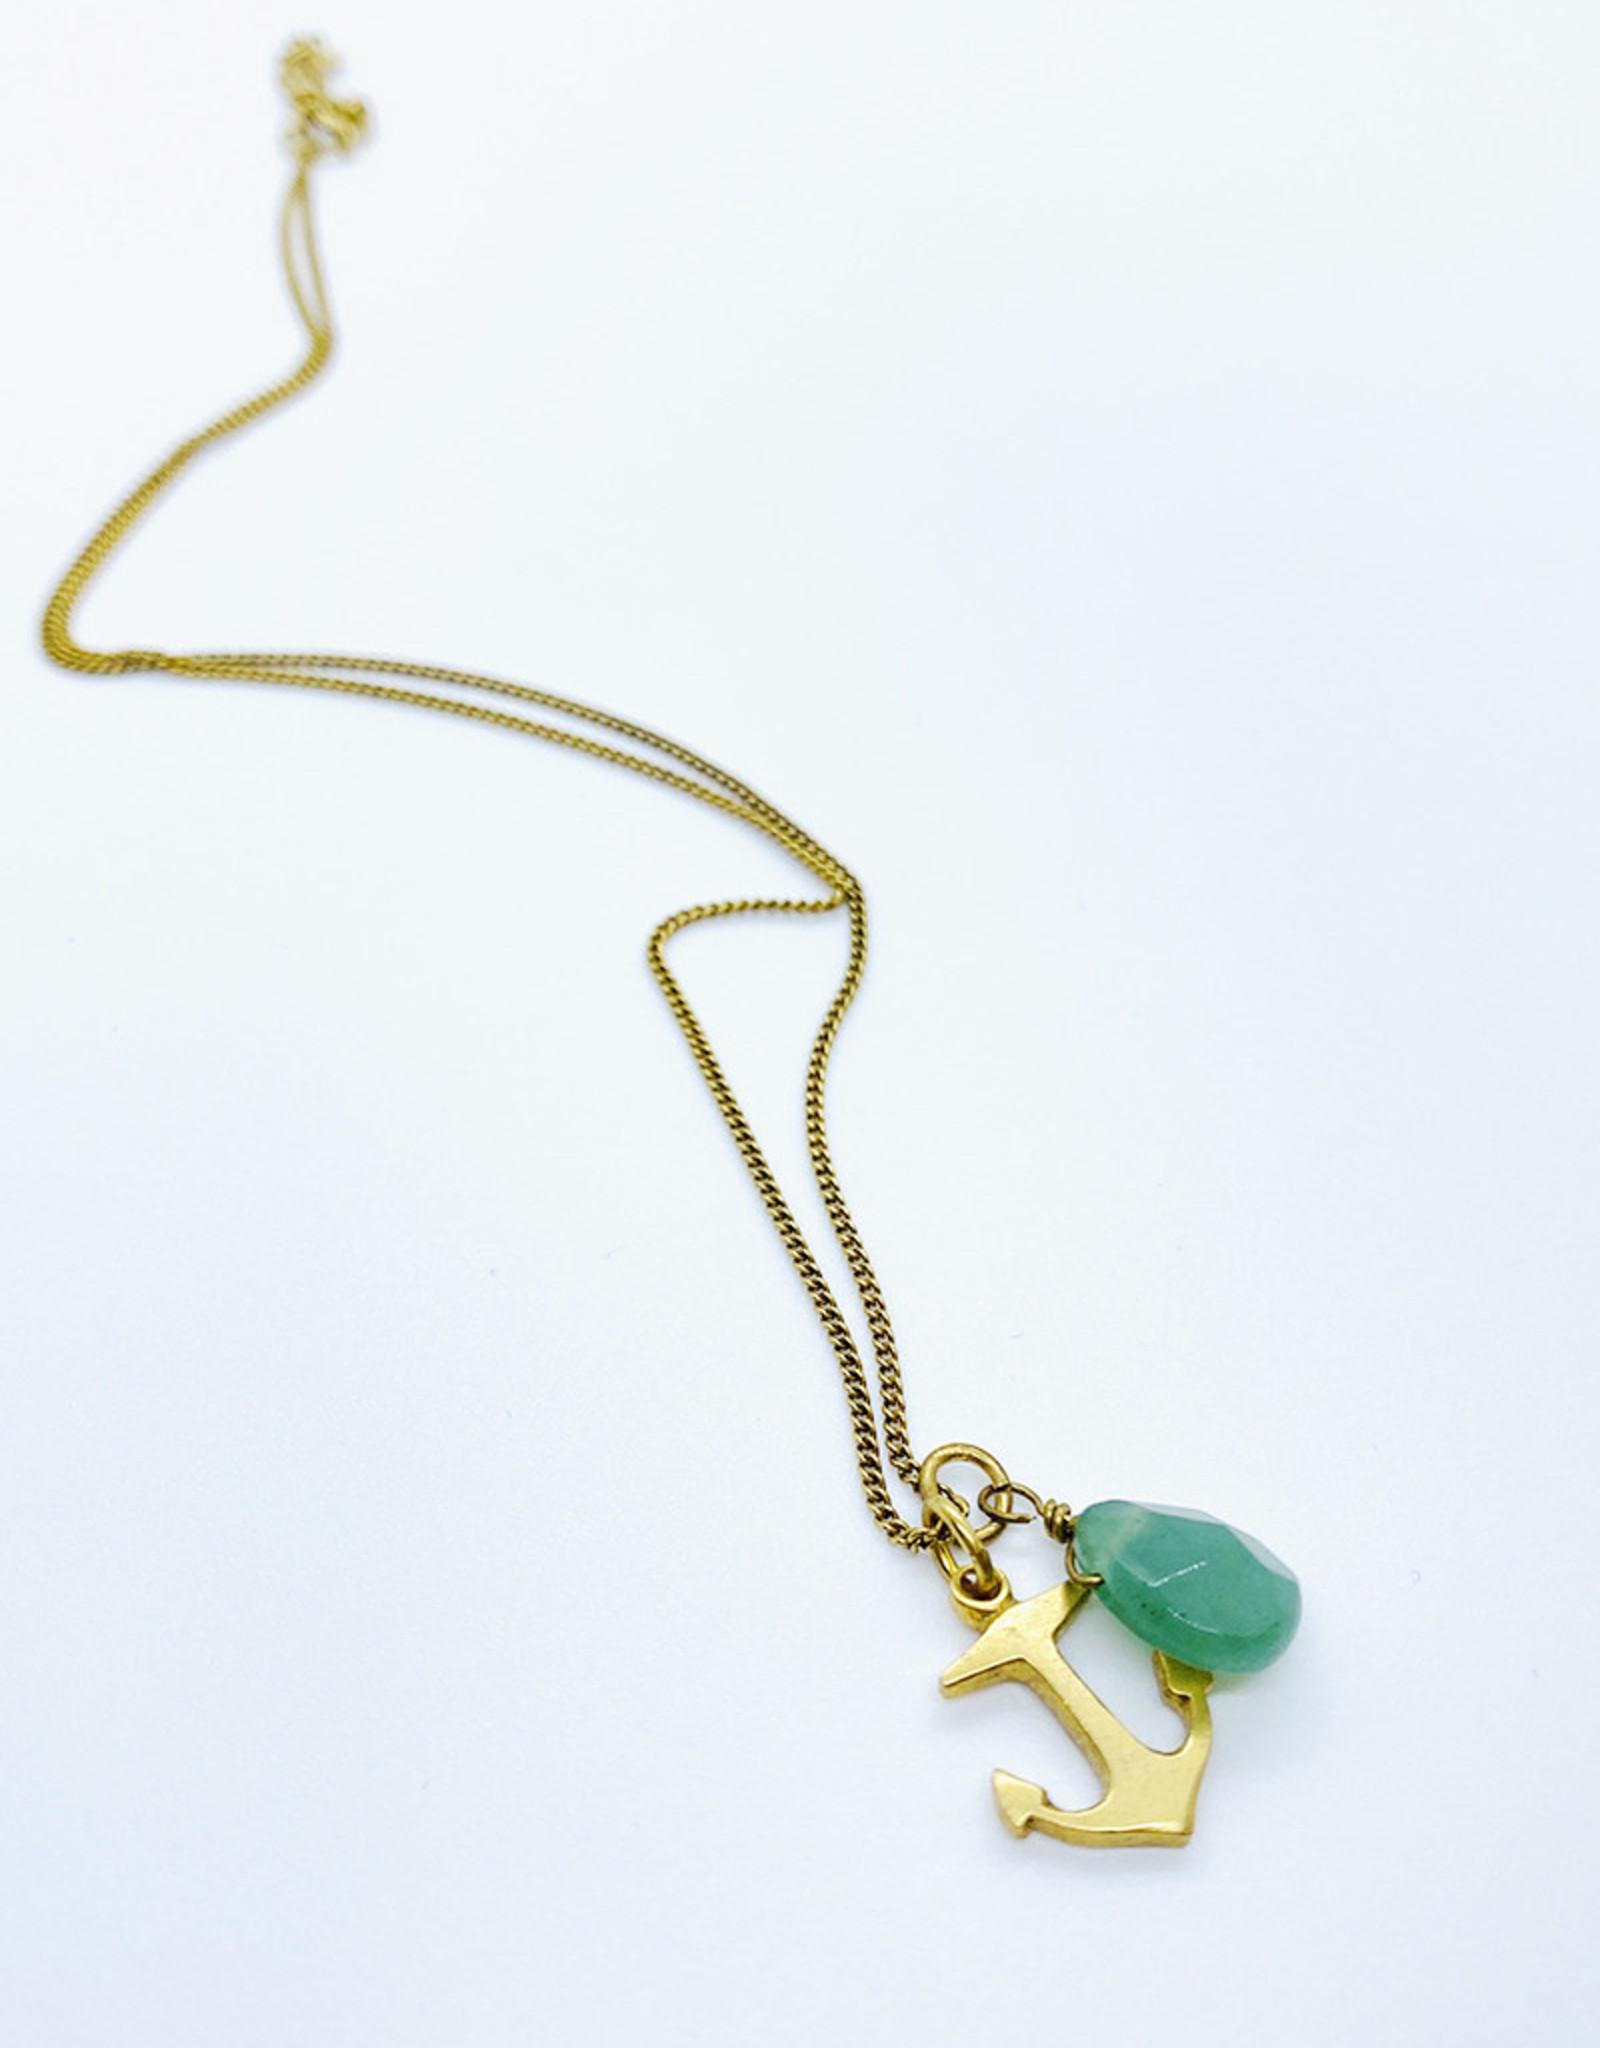 Tilly Doro Anchor + Adventurine Necklace // Tillydoro